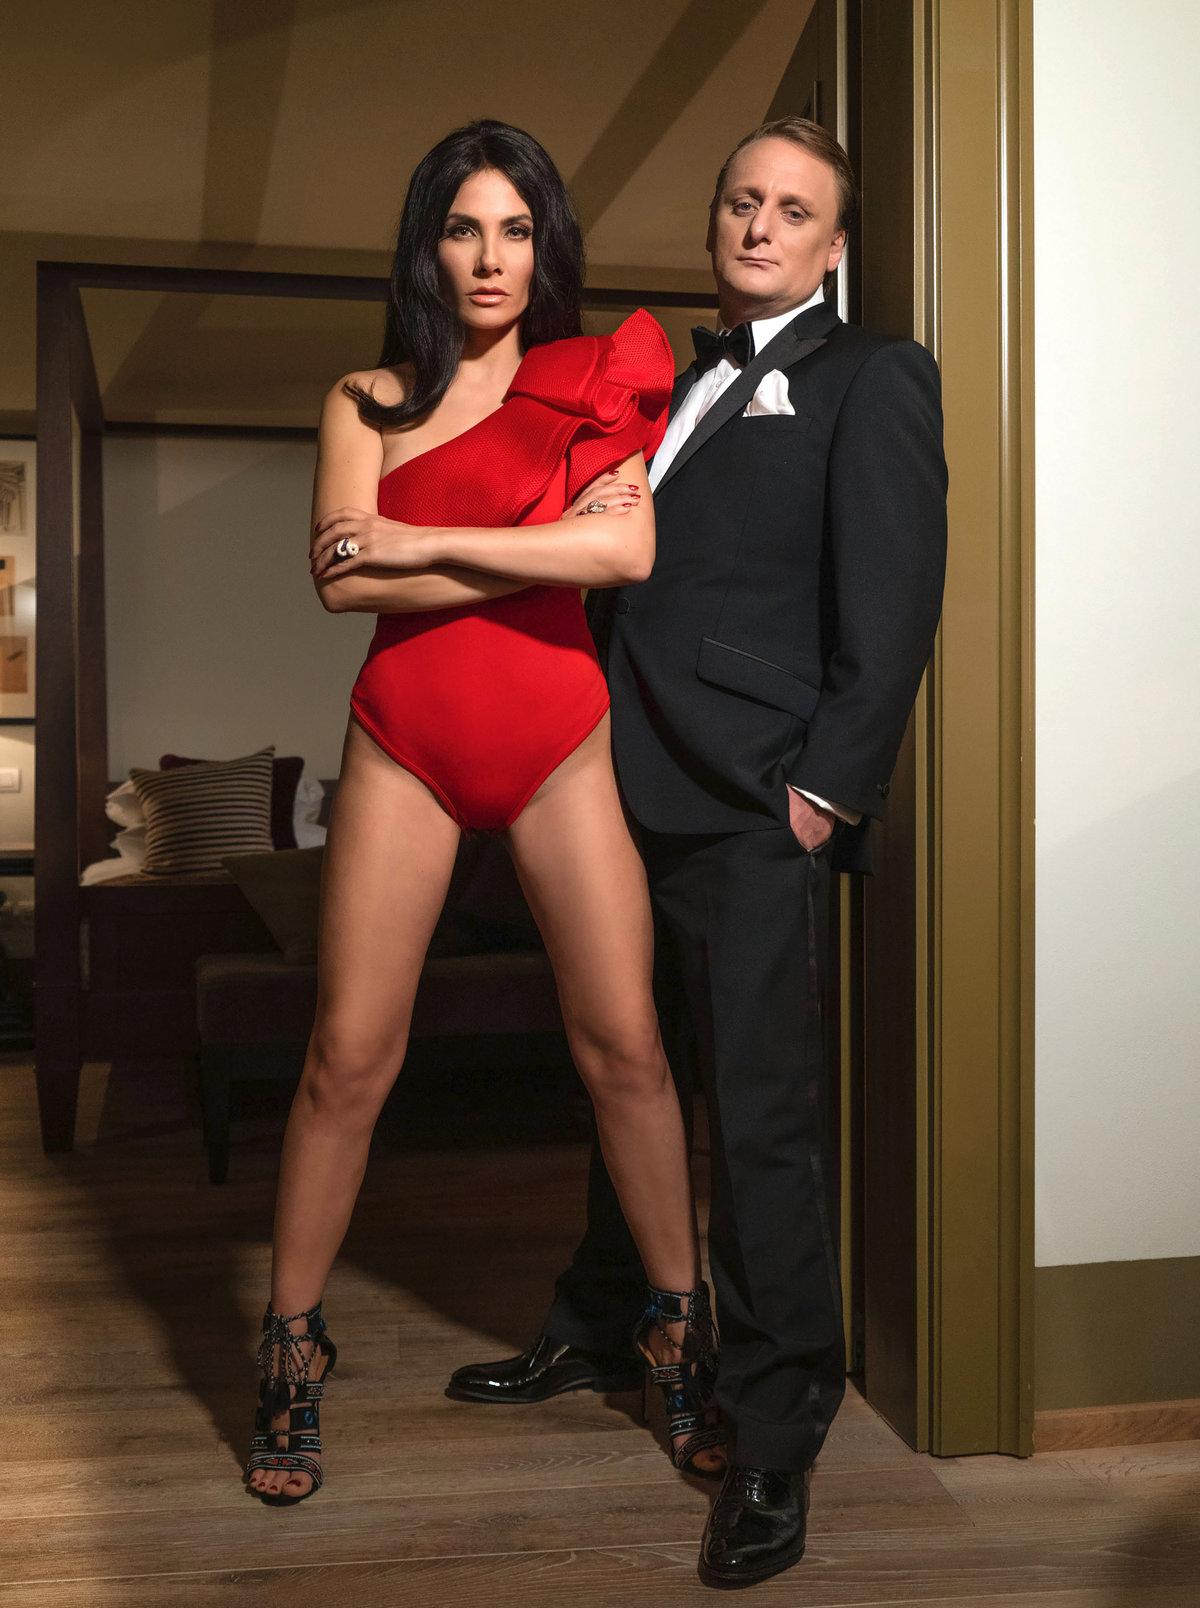 Pavlásek jako agent 007 a jeho sexy Bond girl.